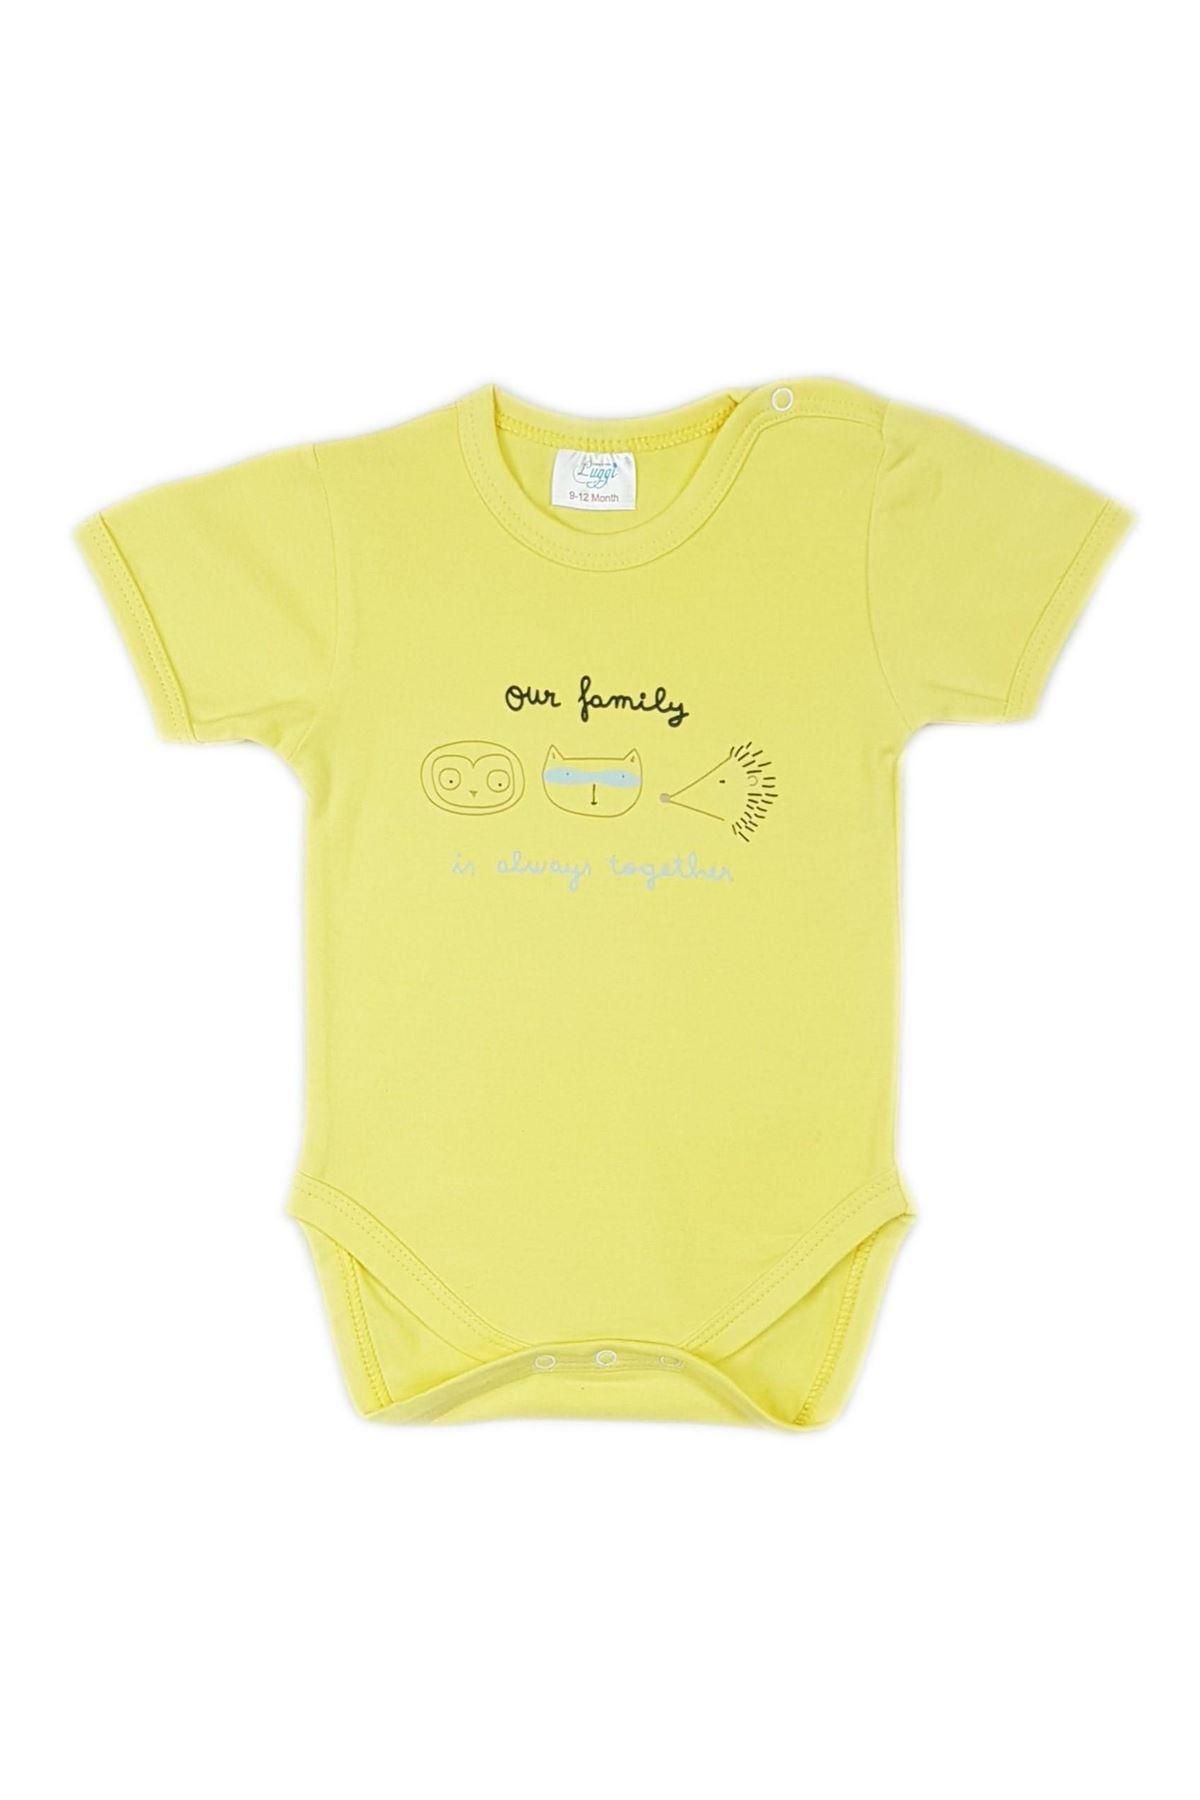 Luggi Baby Funny Kısa Kol Bebek Body LG-5402 Karışık Renkli